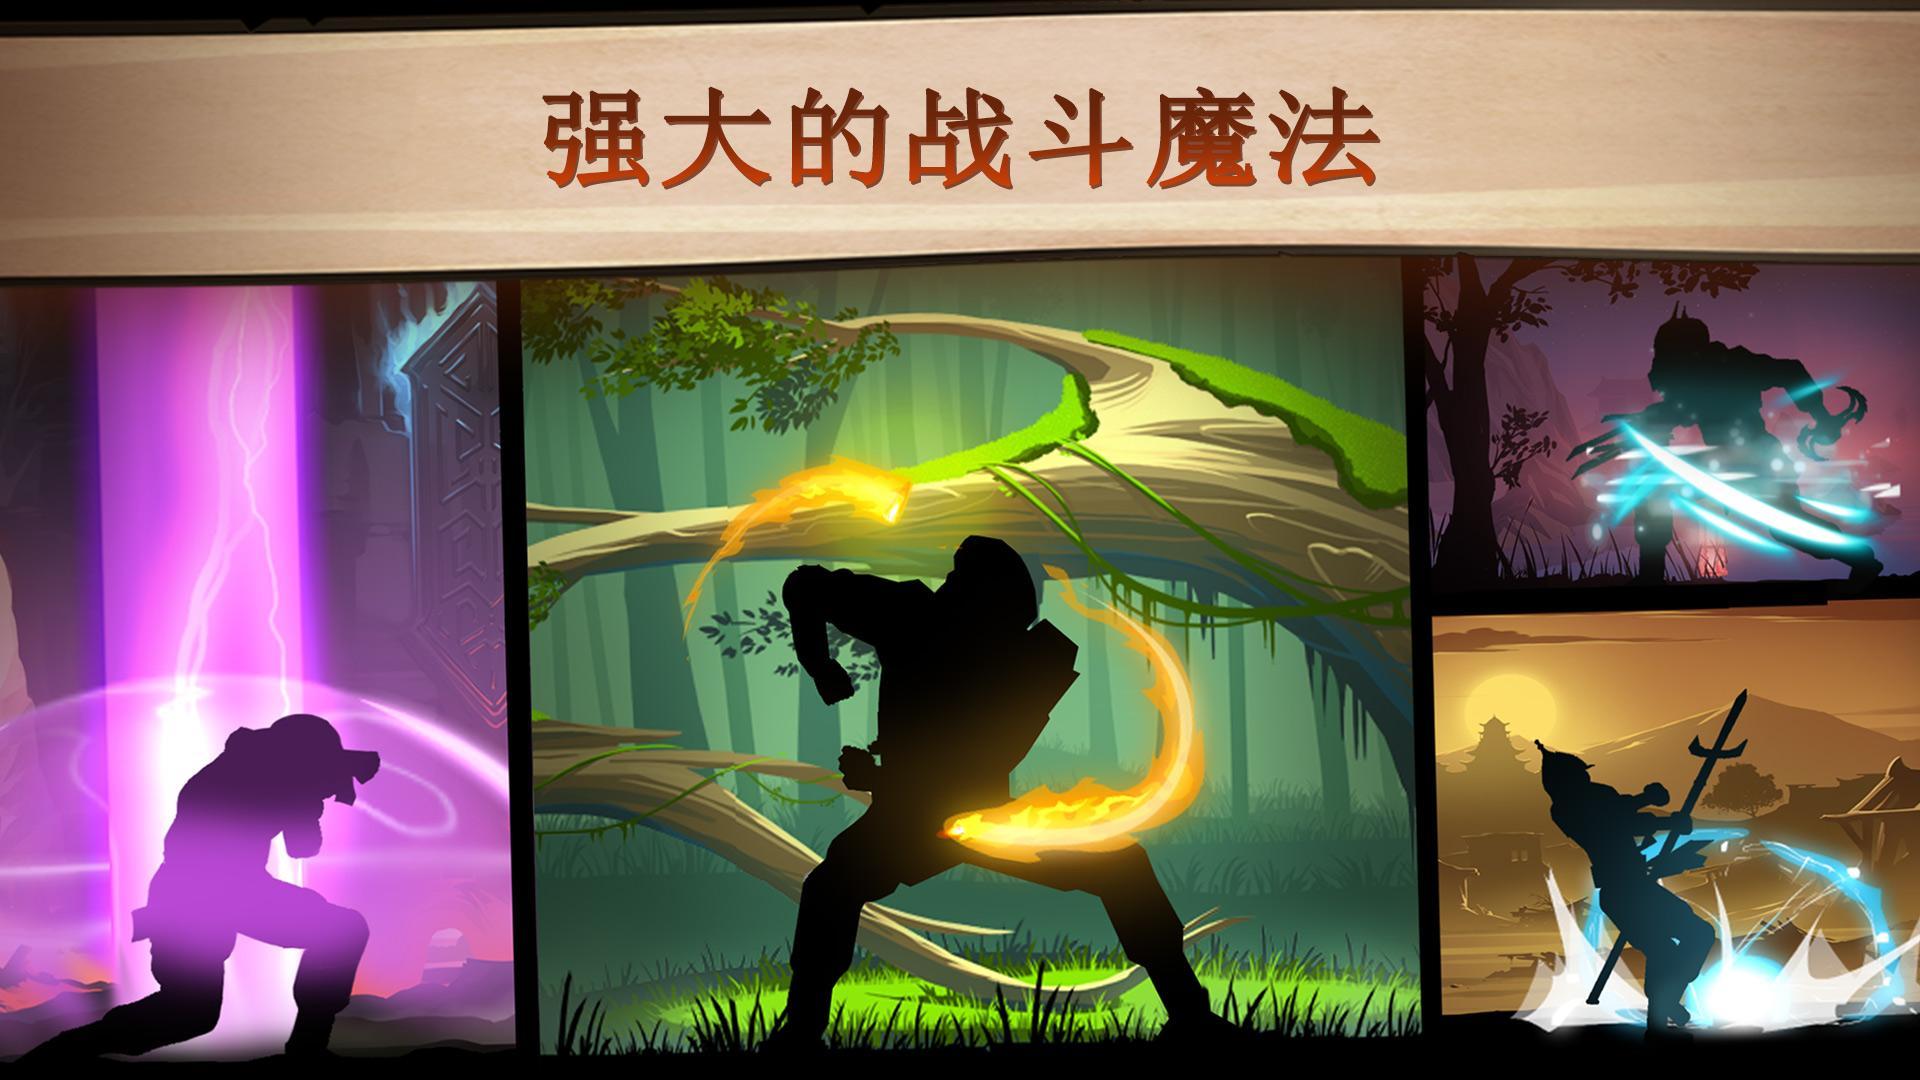 暗影格斗 2-应用截图